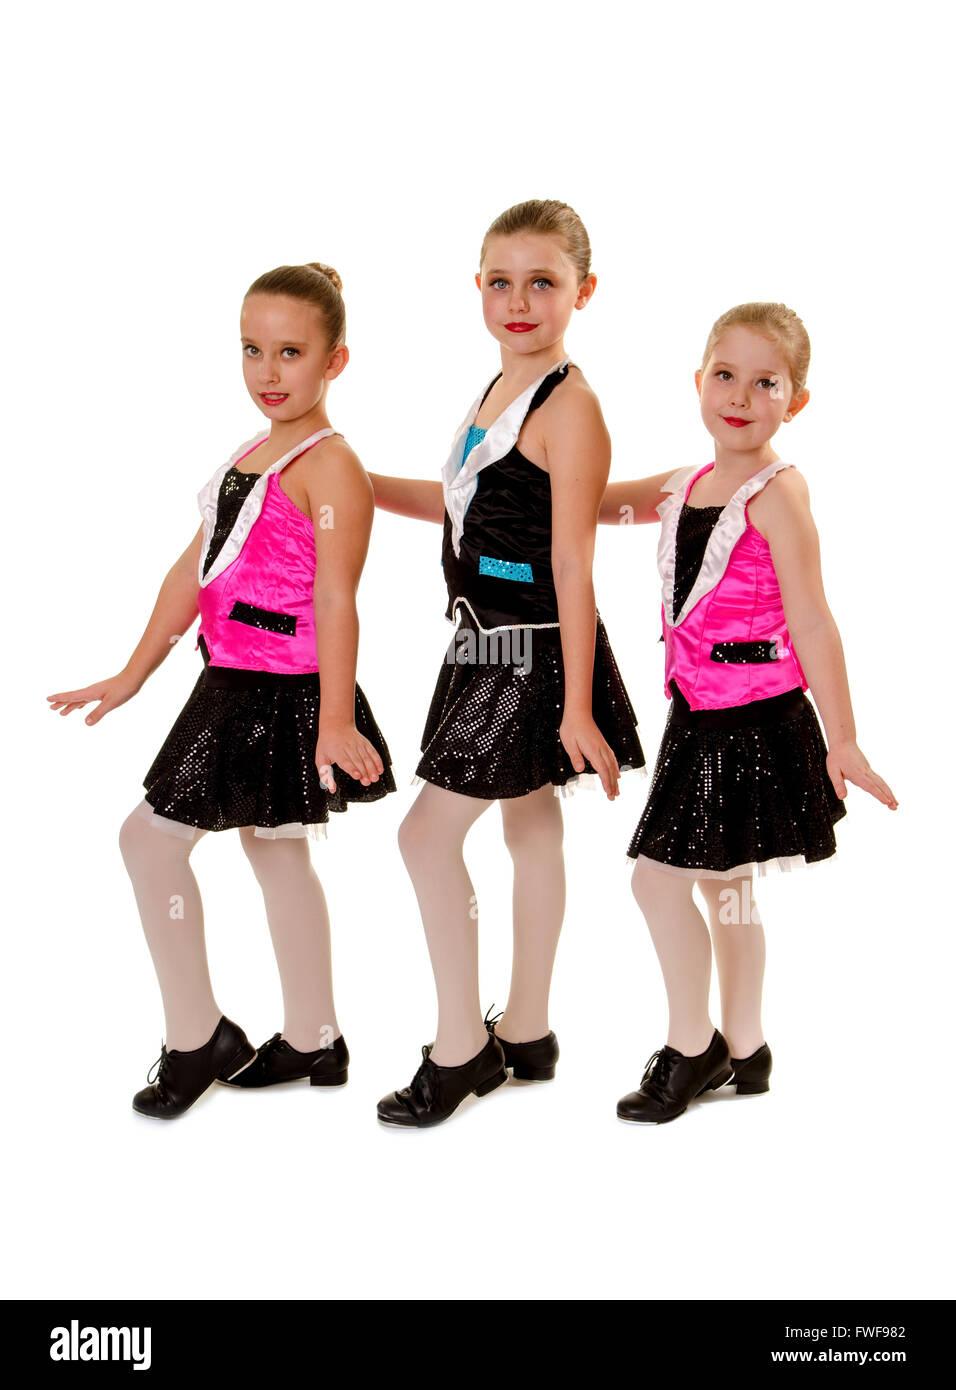 Tre giovani ragazze nelle Junior Tap dance Costume Foto Stock